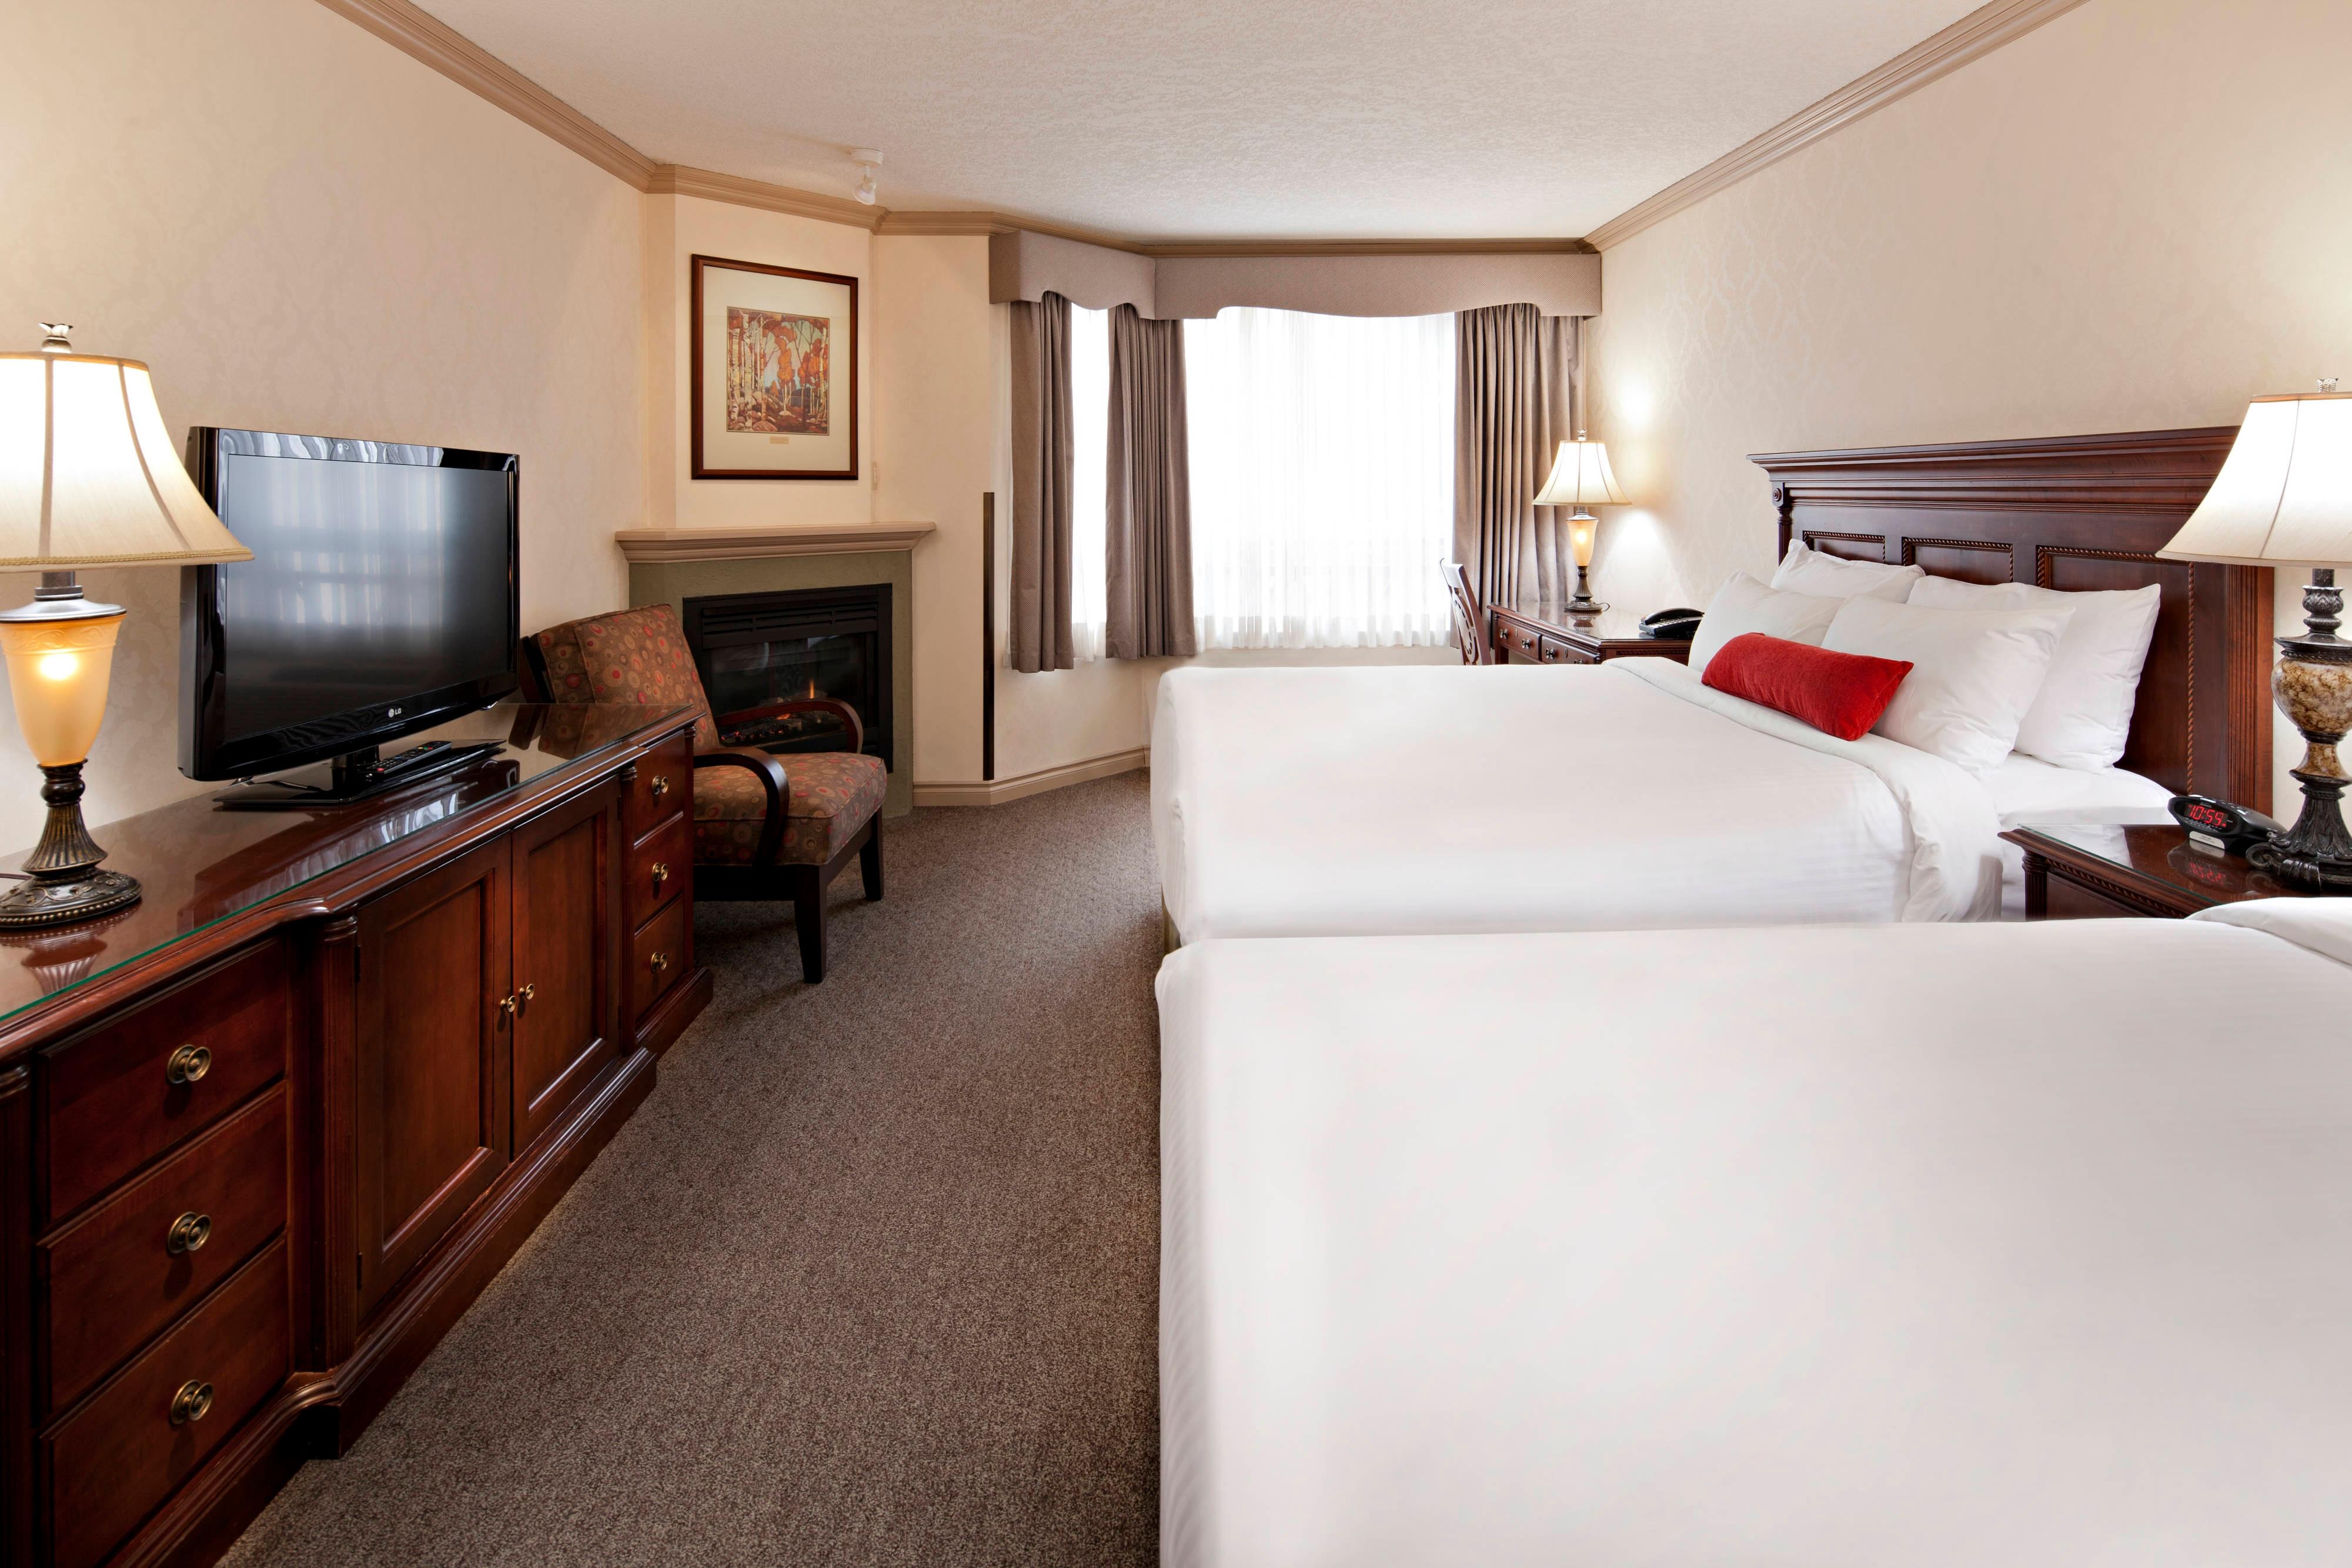 Chambre Premier avec deux lits queen size et cheminée